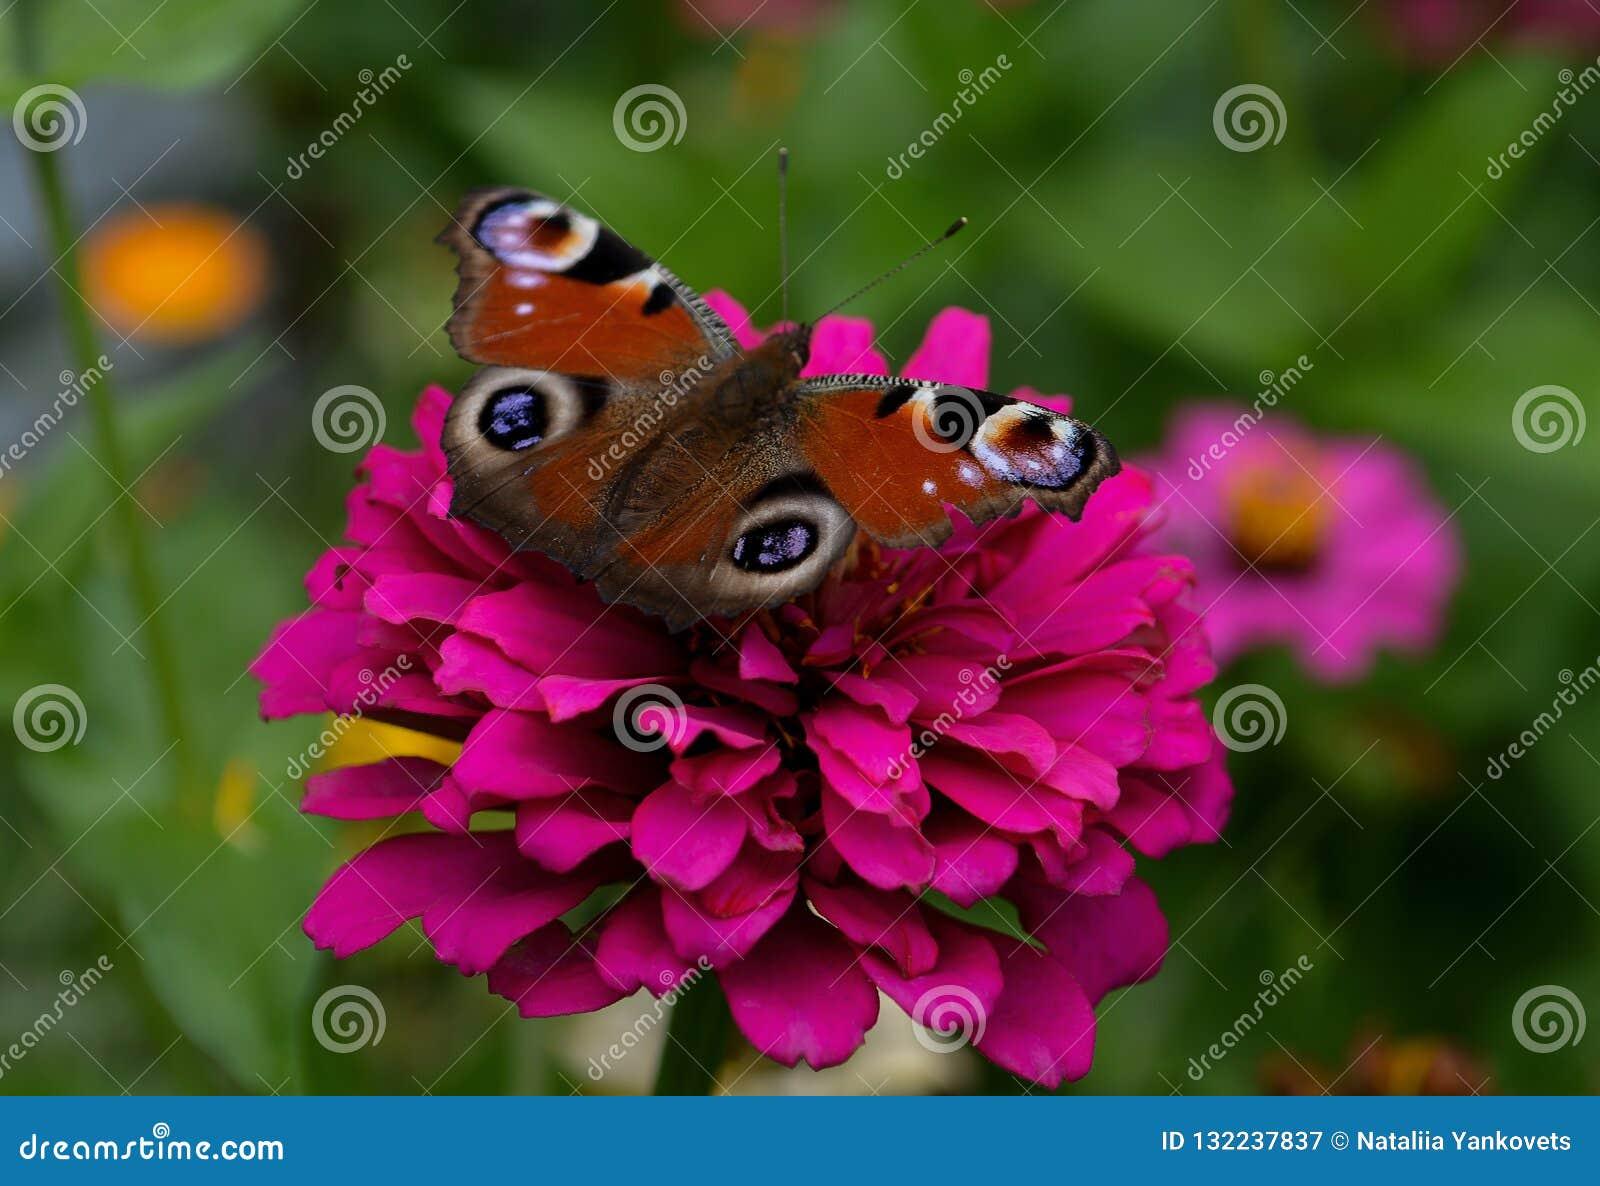 En fjäril med en härlig ljus färg sitter på en rosa blomma mot en kulör bakgrund av en trädgård